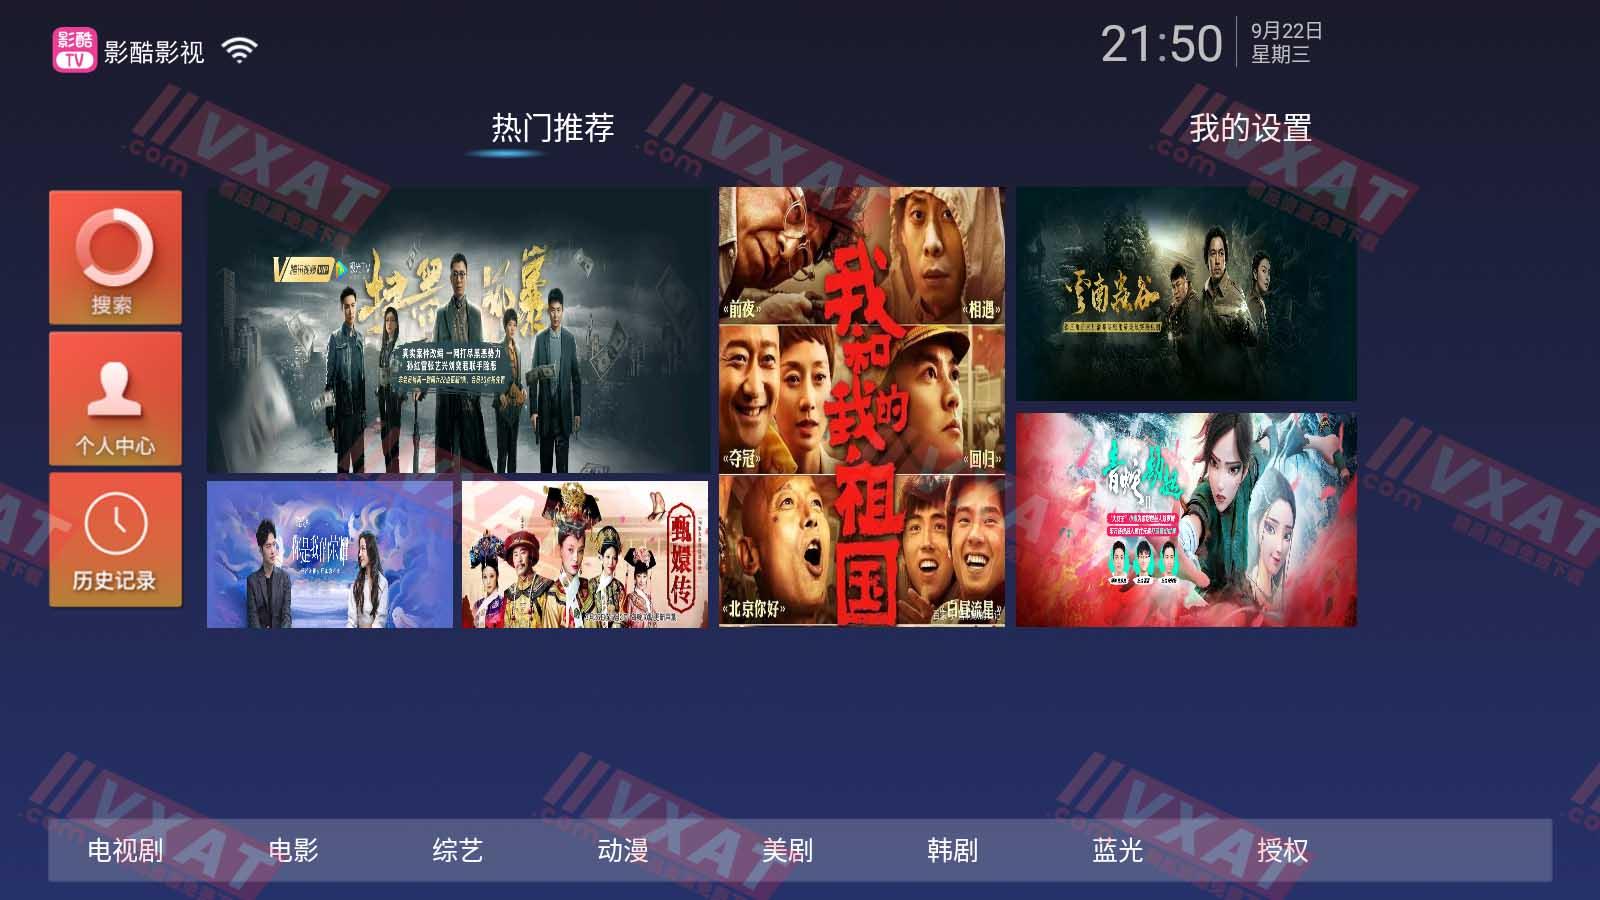 影酷TV_v1.1 电视版 第1张